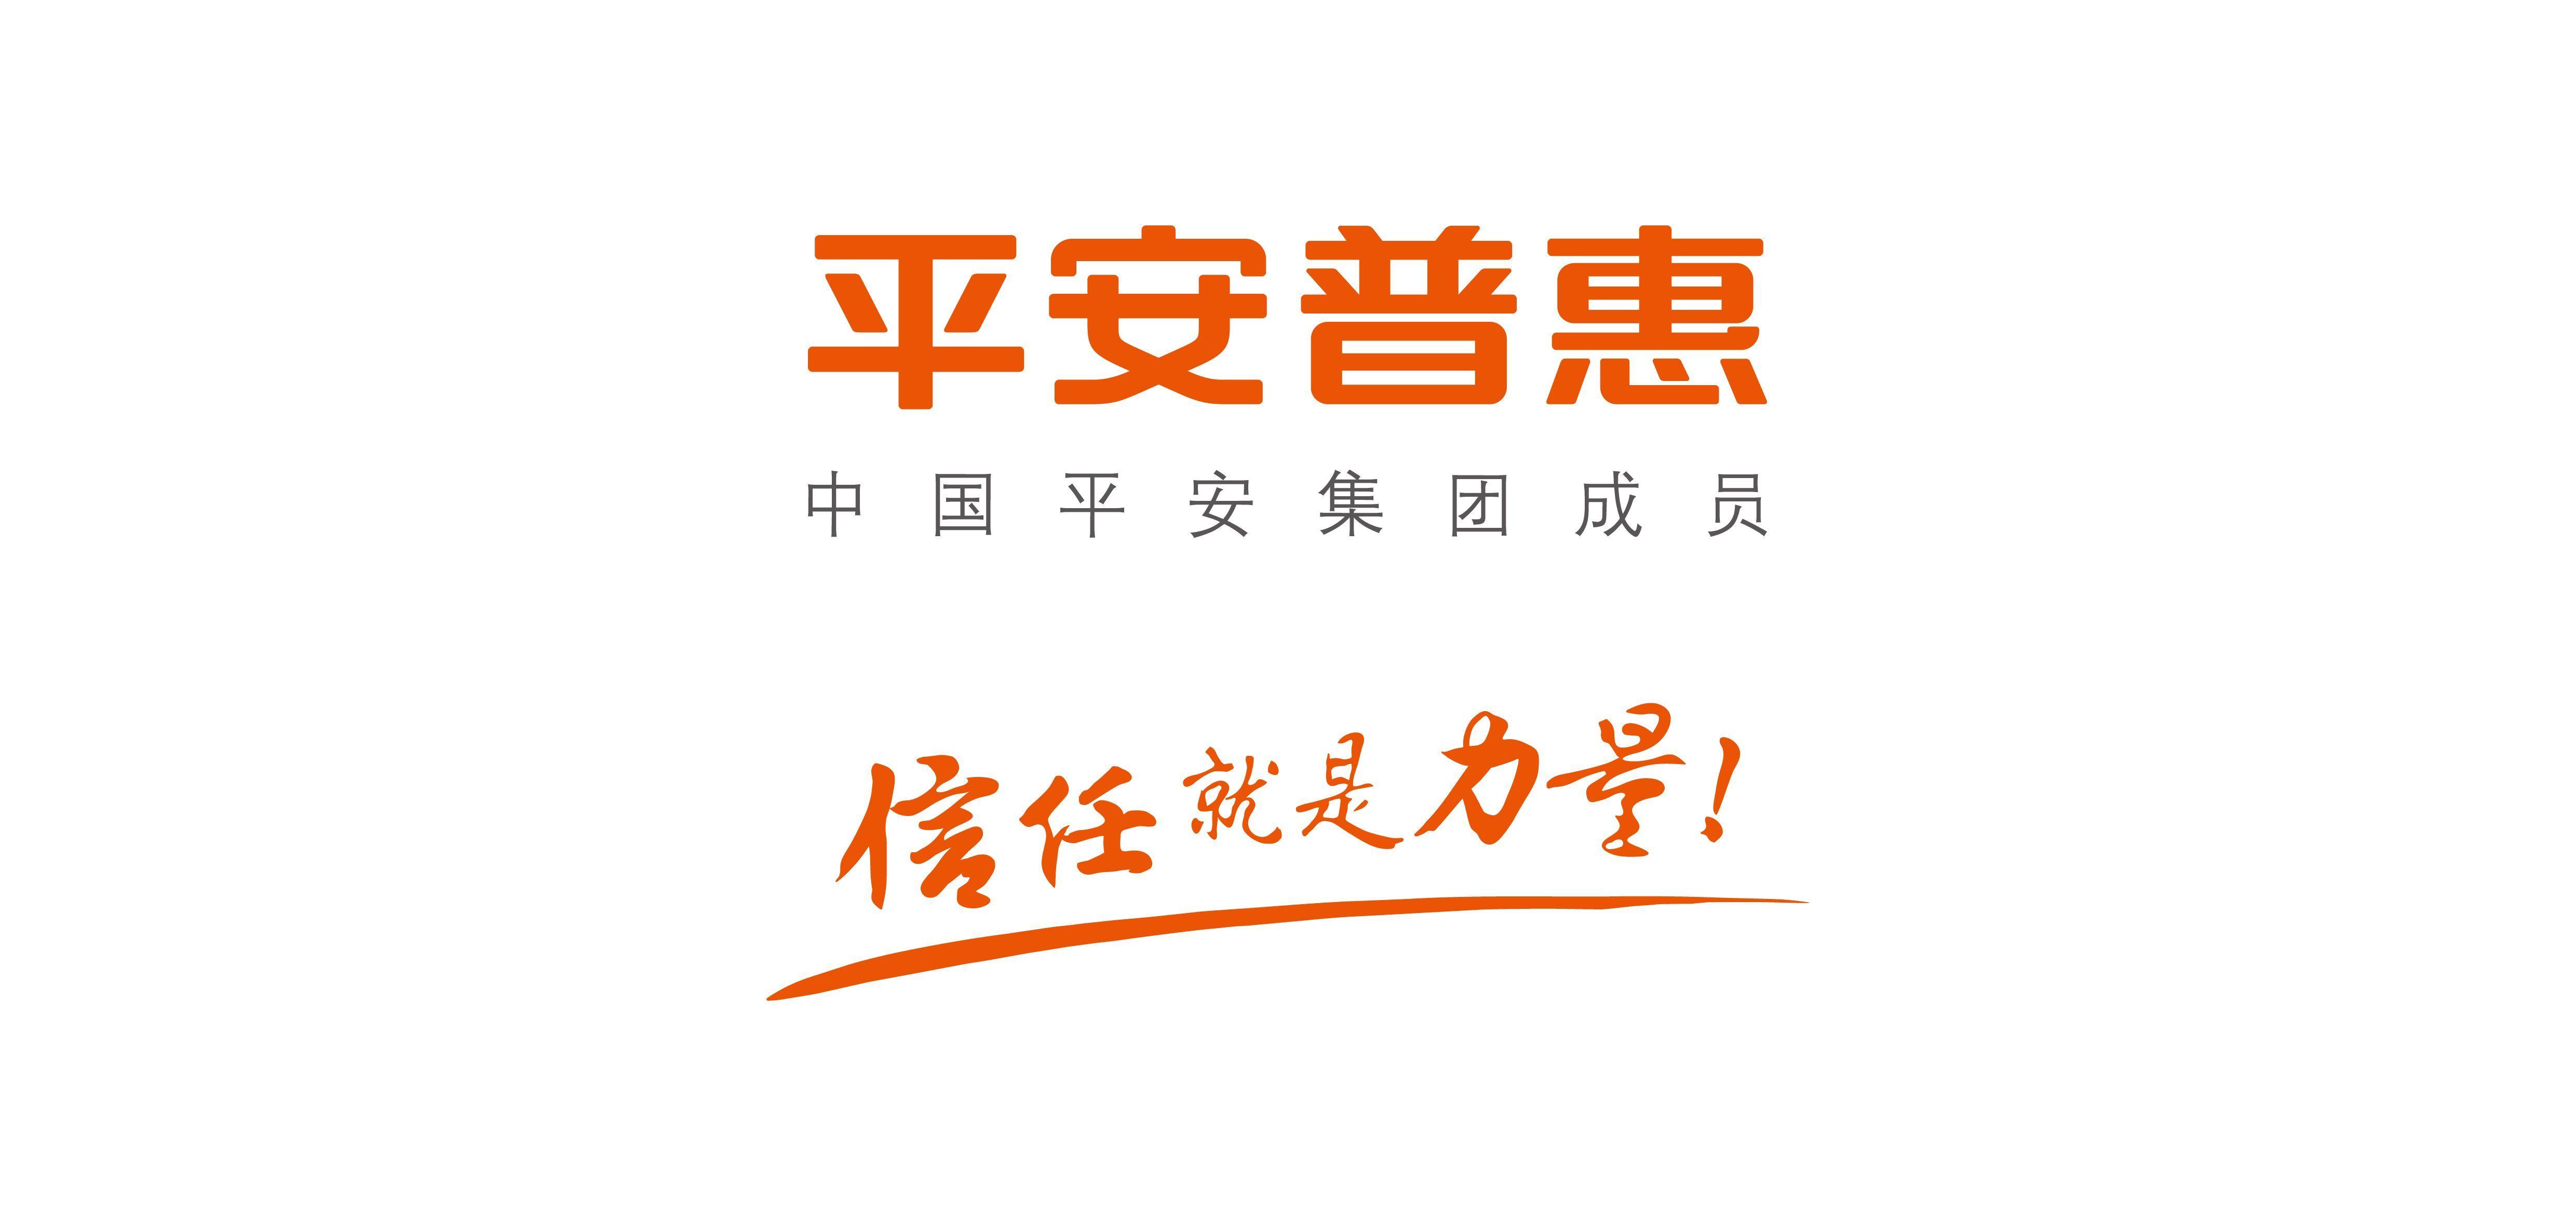 平安普惠信息服务有限公司广元第一分公司